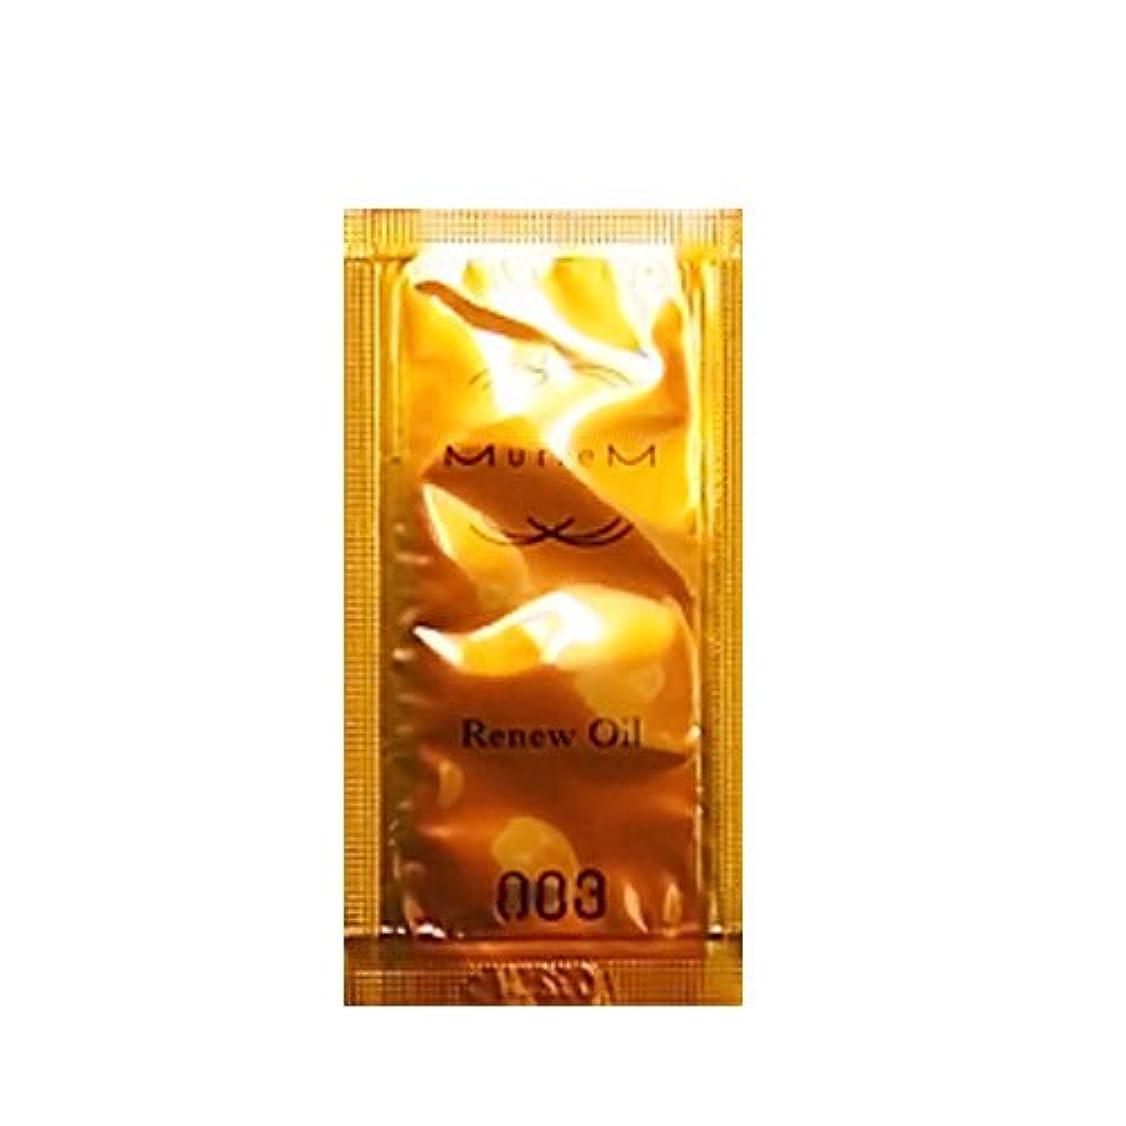 人リネン連続的ナンバースリー ミュリアム ゴールド トリートメント リニューオイル 1ml【アウトバストリートメント】【お試し】